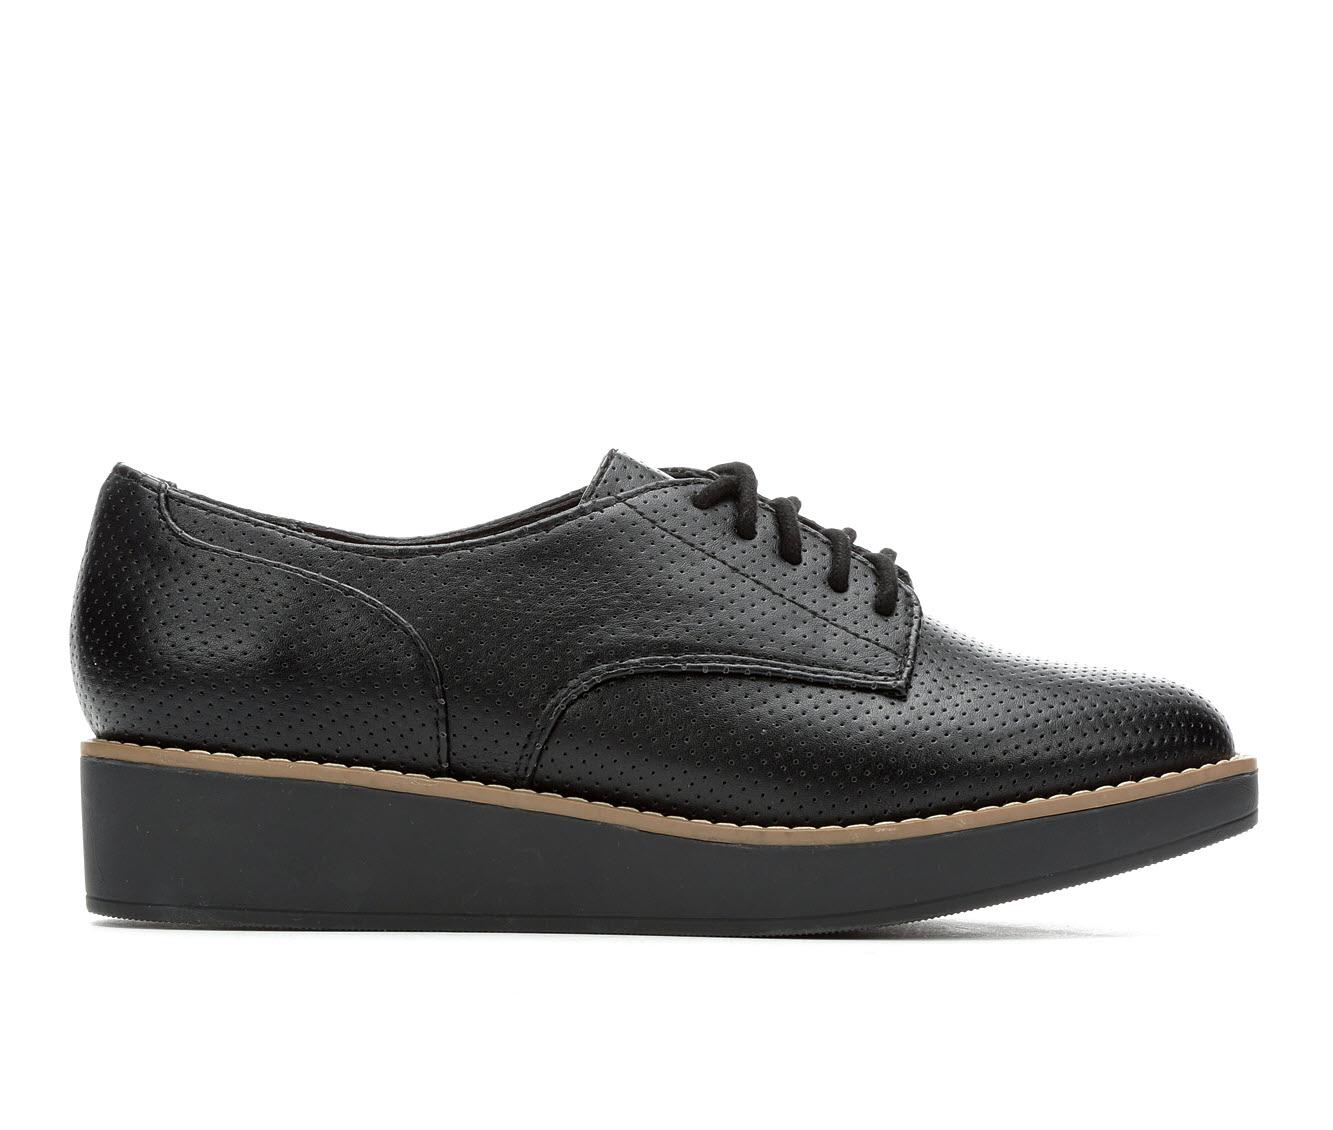 Y-Not Amiee Women's Shoe (Black Faux Leather)